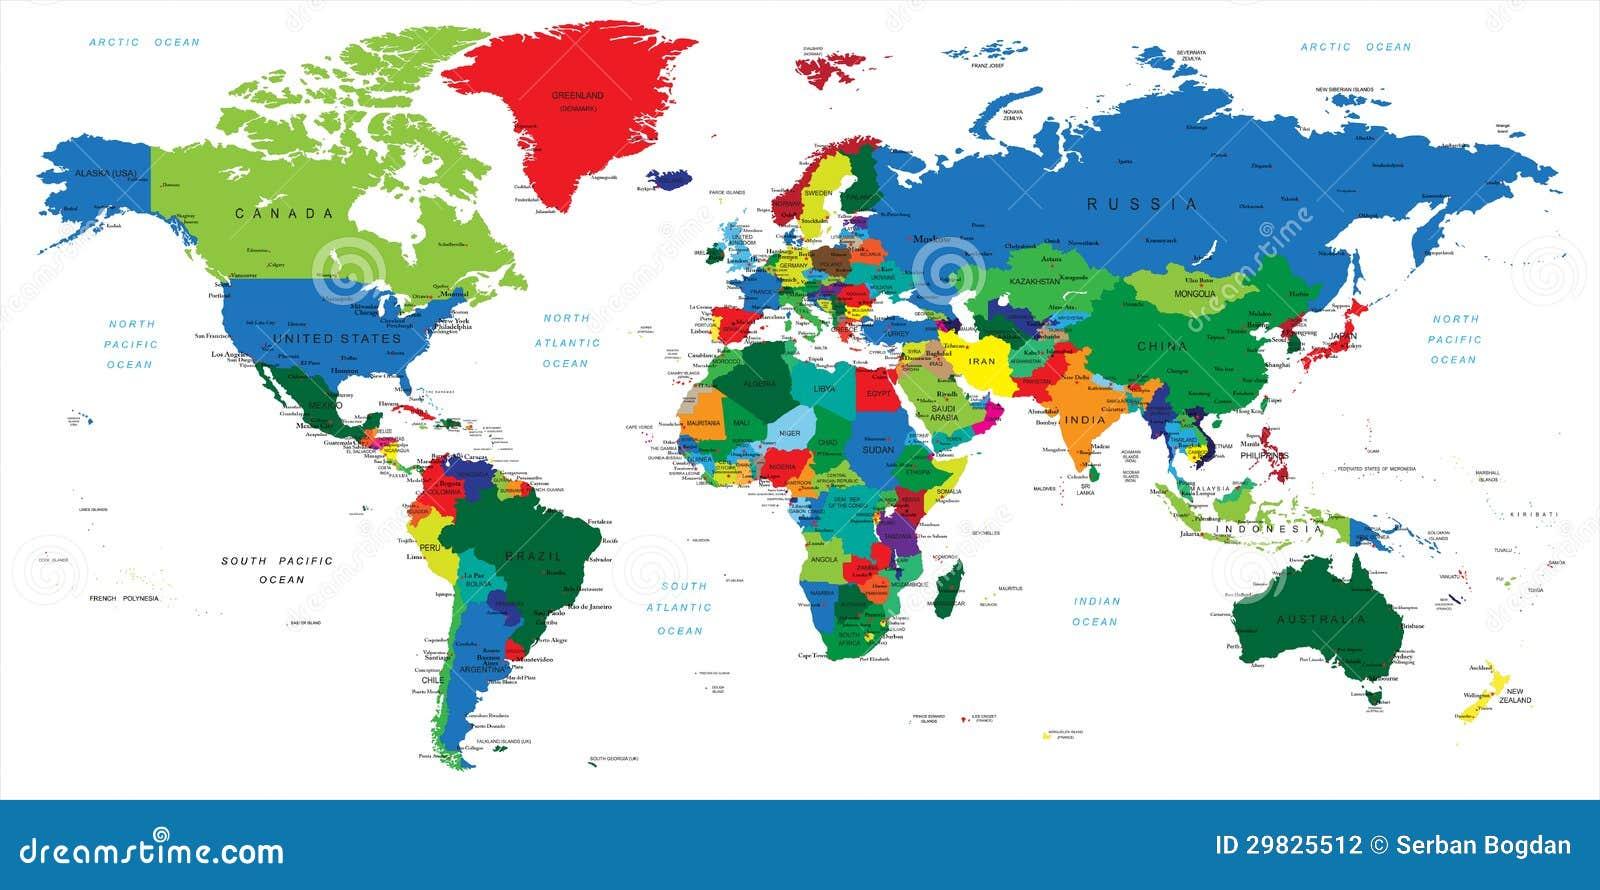 Großartig Weltkarte Mit Städten Das Beste Von Pattern Weltc$karteländer Vektor Abbildung. Tration Von Nord